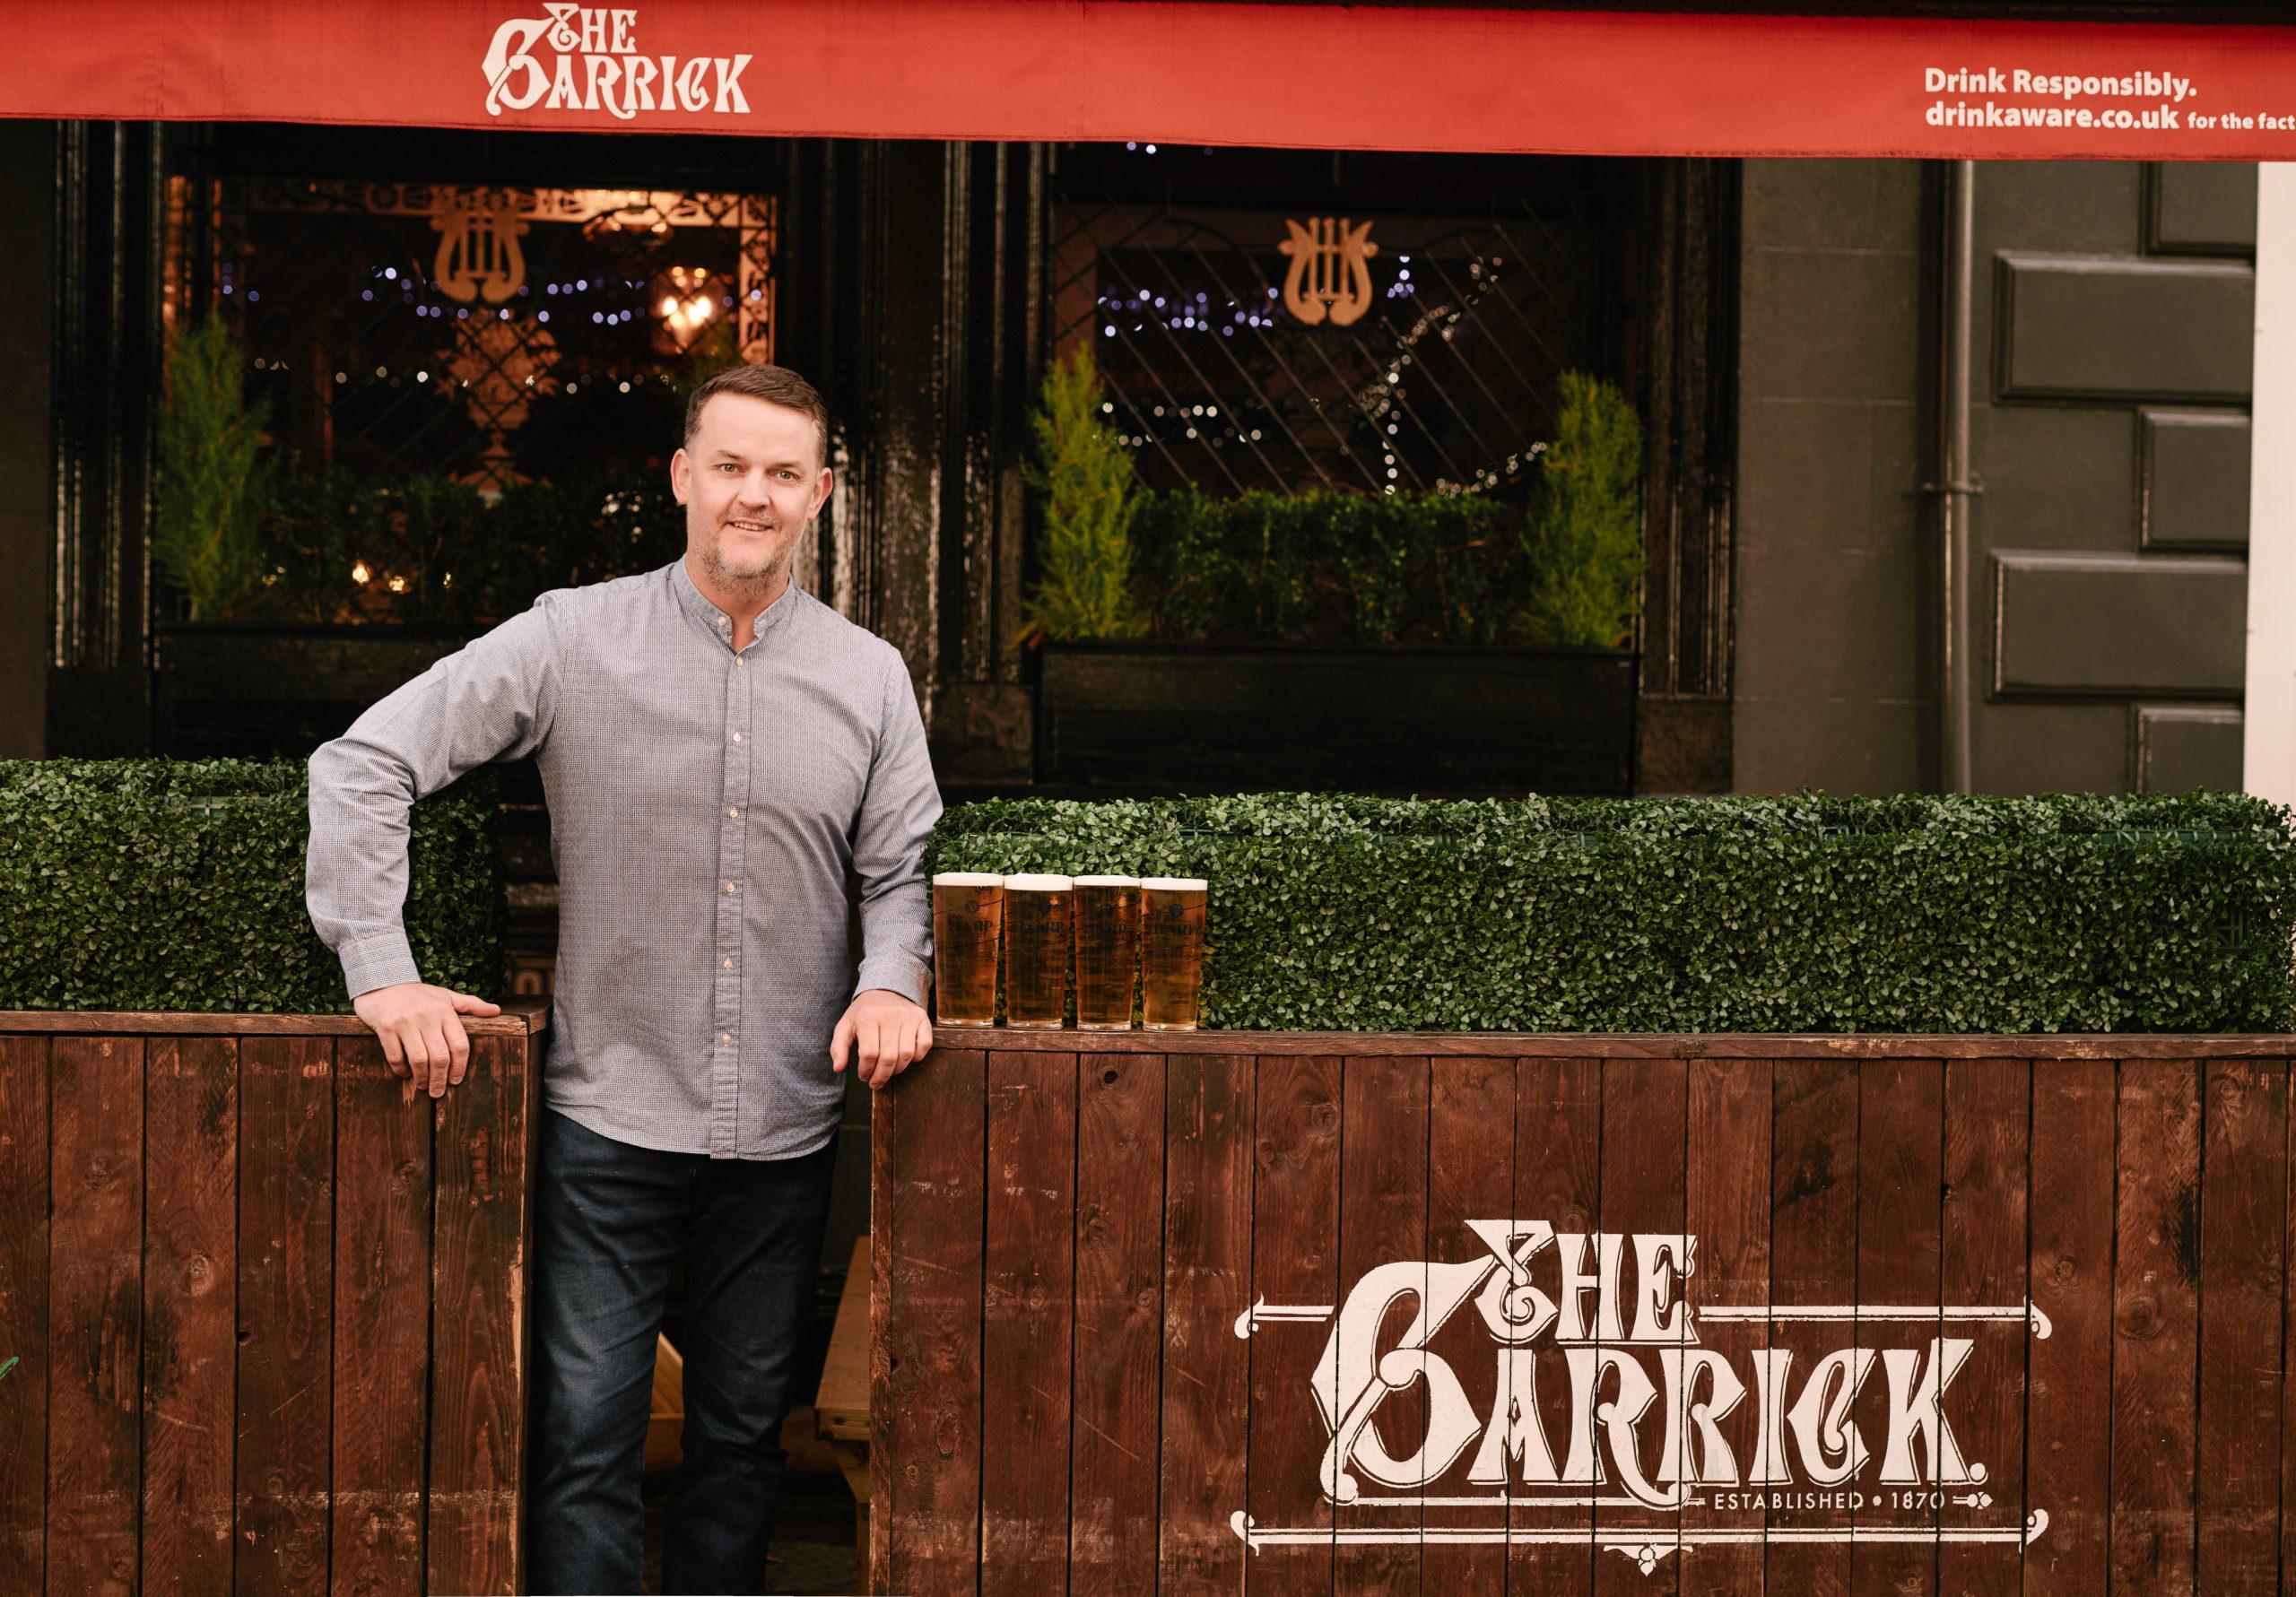 The Garrick